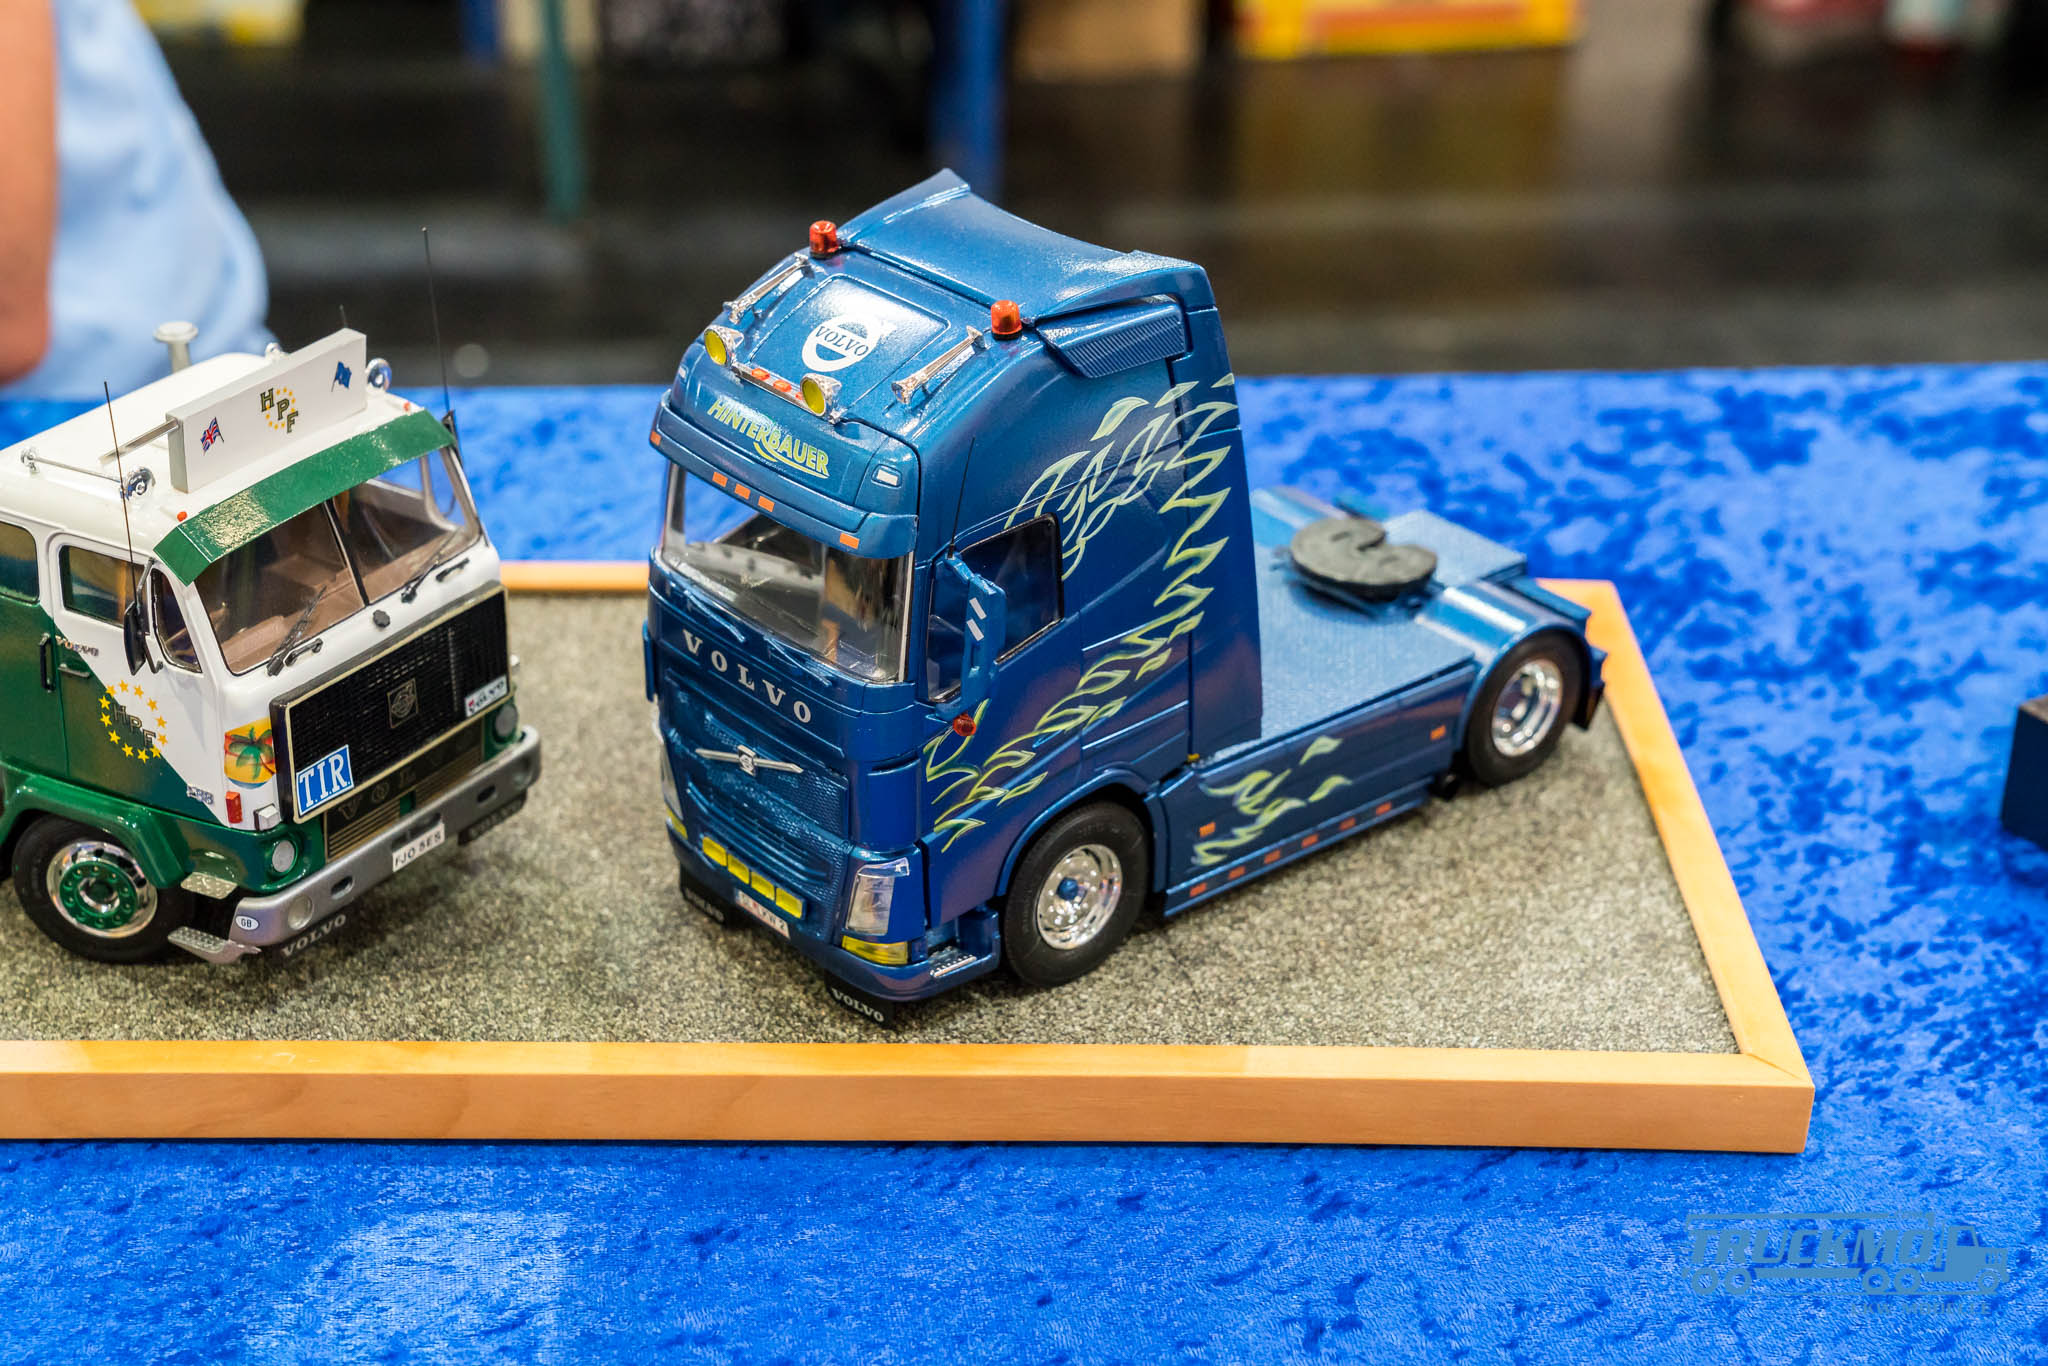 Truckmo_Modellbau_Ried_2017_Herpa_Messe_Modellbauausstellung (328 von 1177)